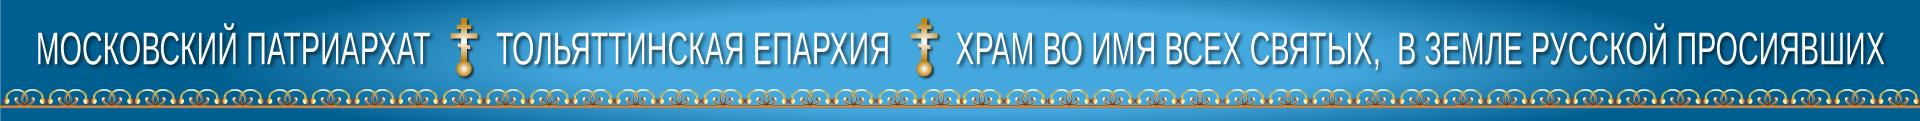 Сайт Храма во имя Всех святых, в земле Русской просиявших Тольяттинской епархии